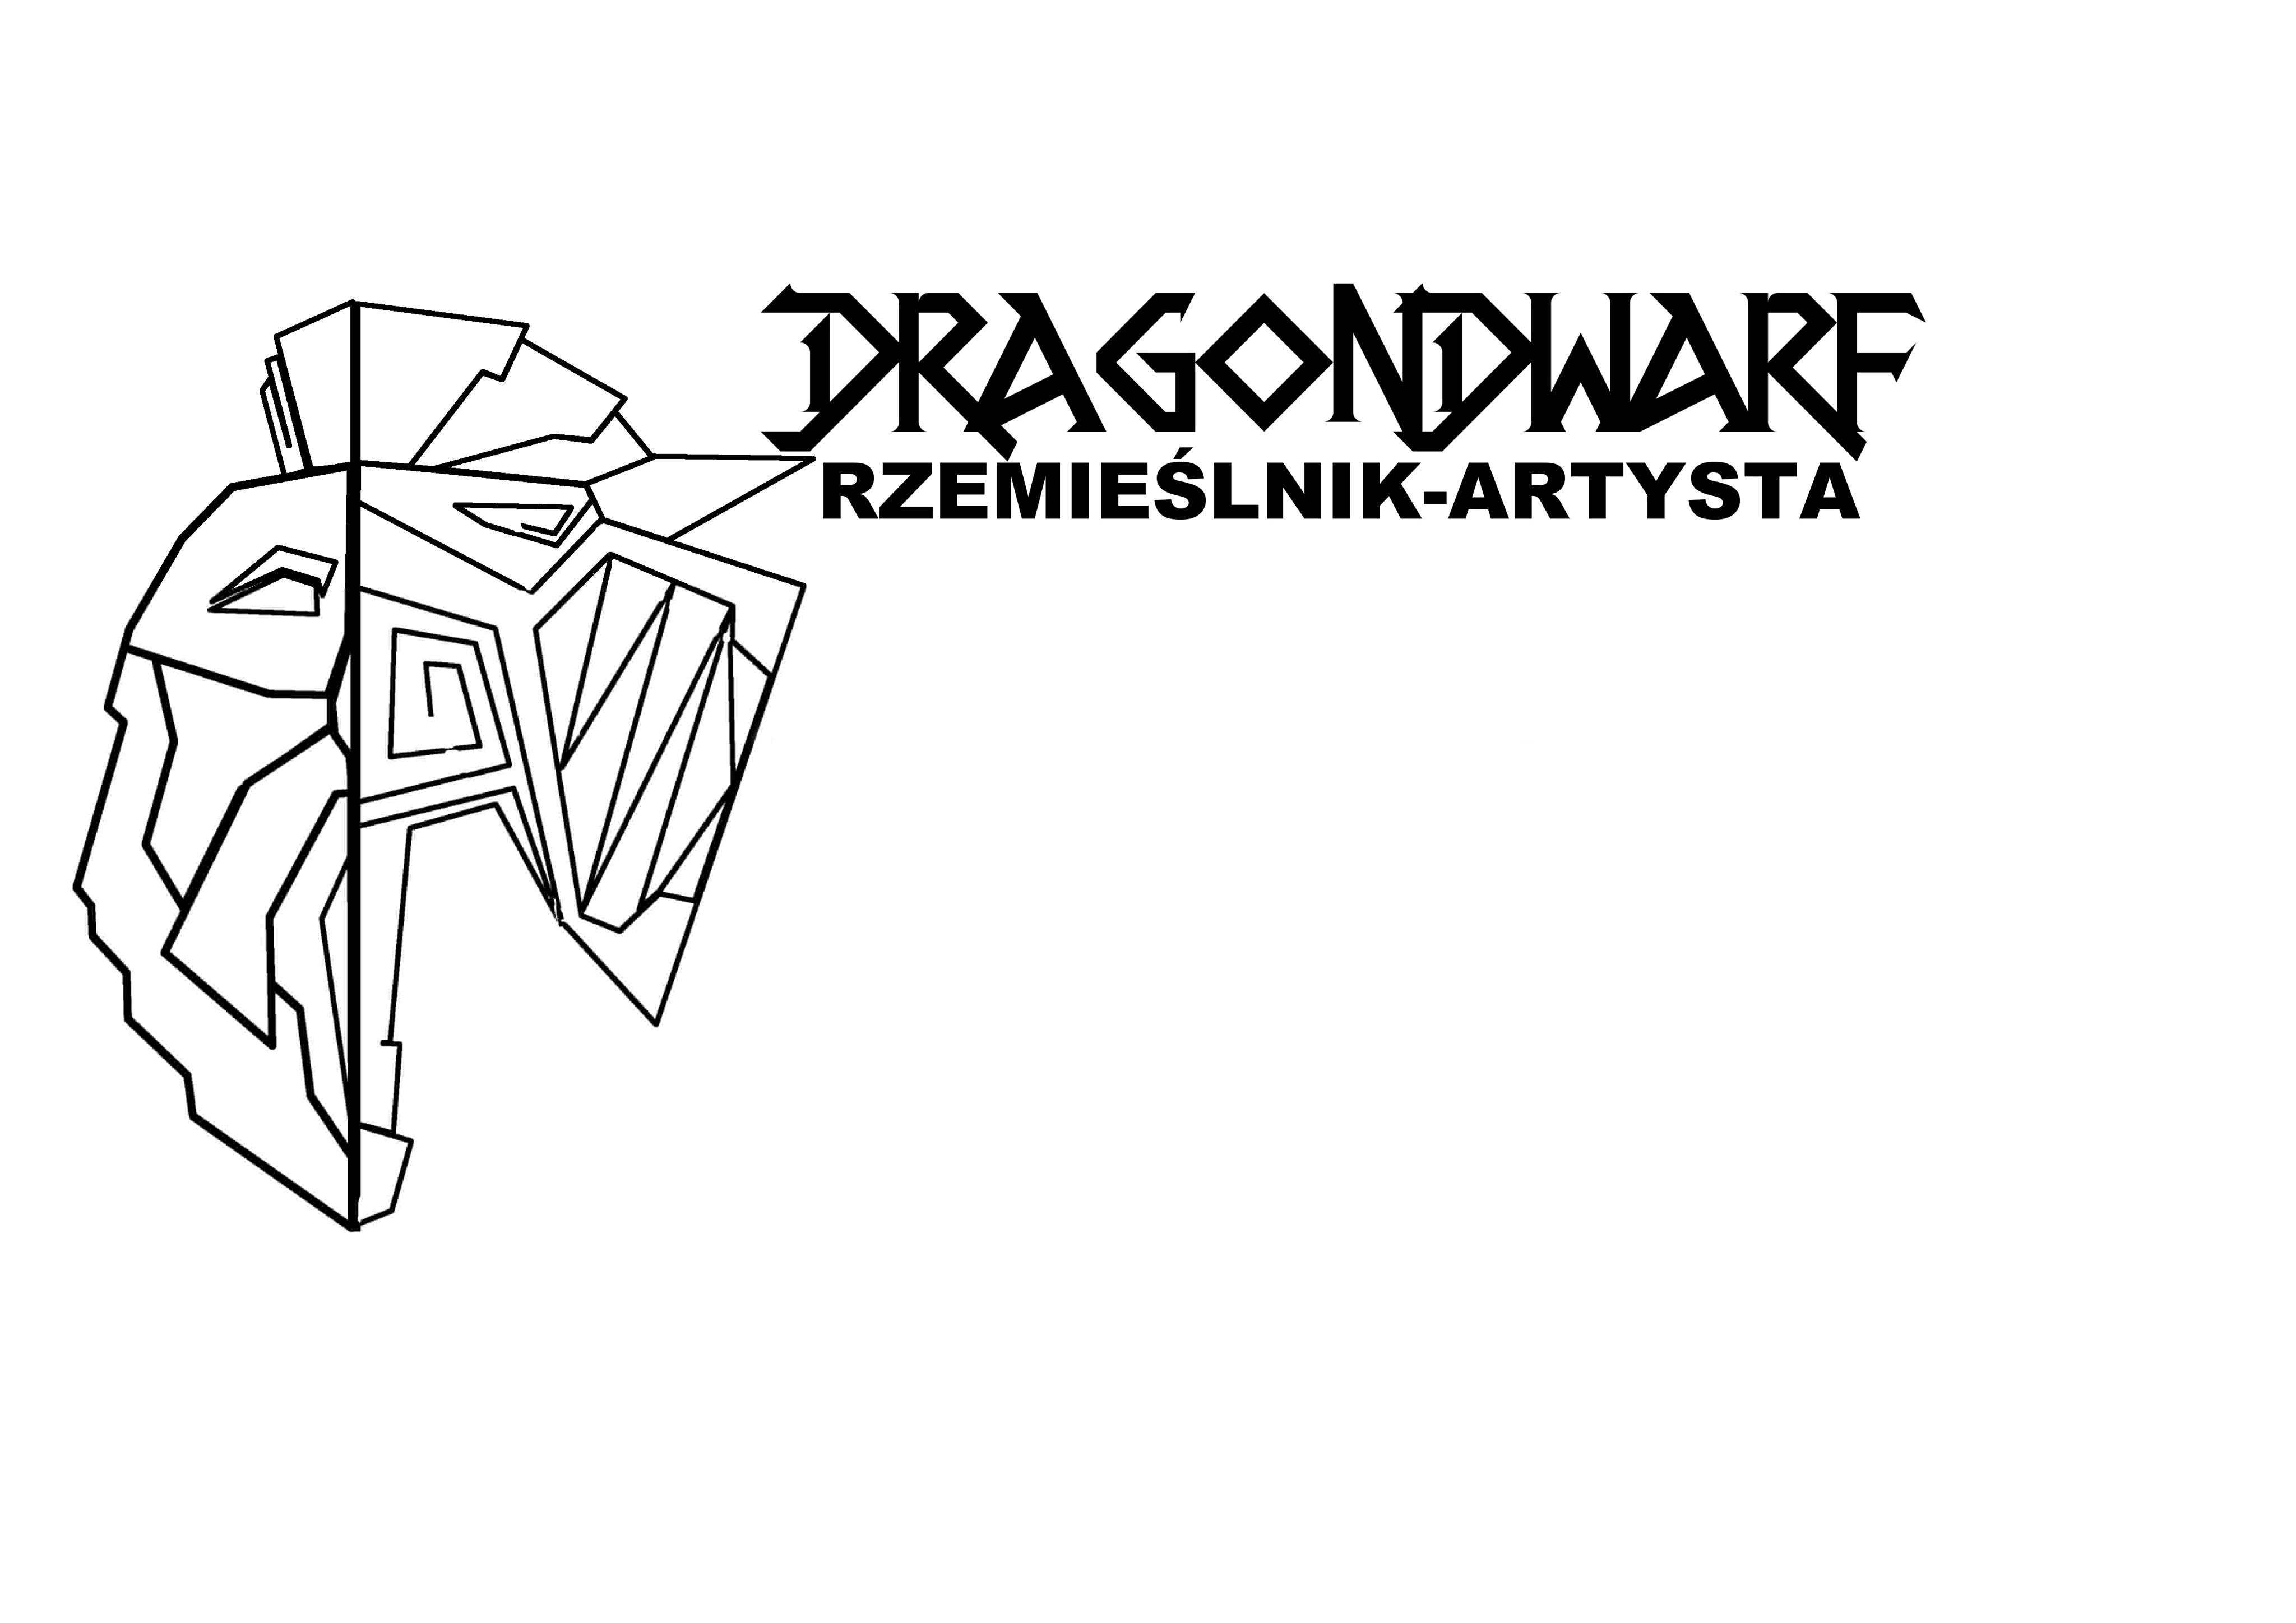 Dragondwarf Rzemieślnik-Artysta